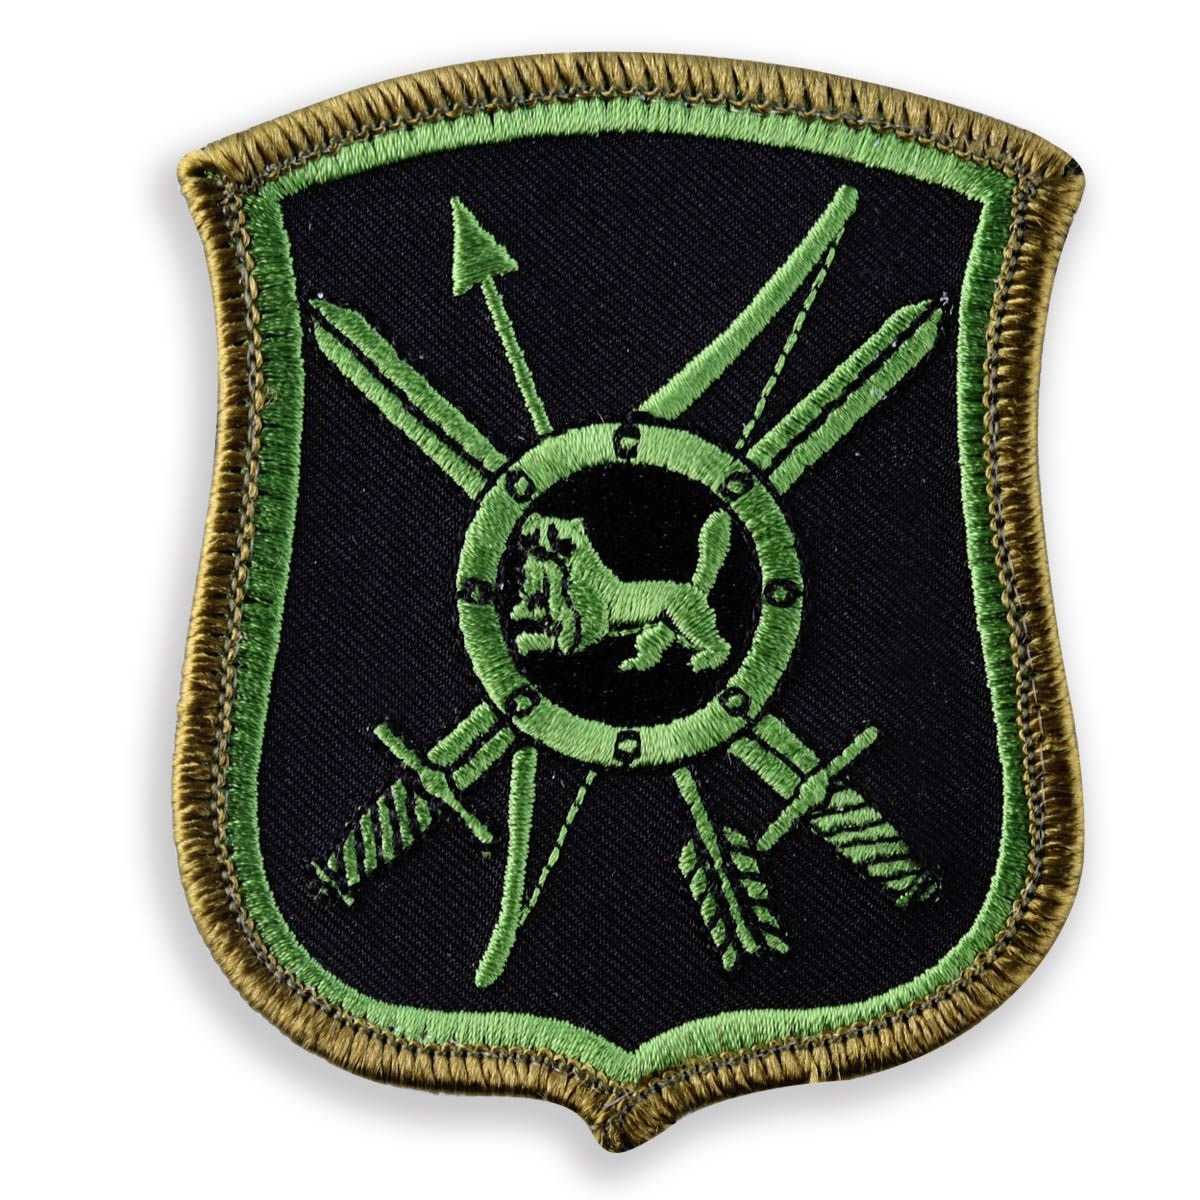 Шеврон РВСН полевой 29 ракетная дивизия